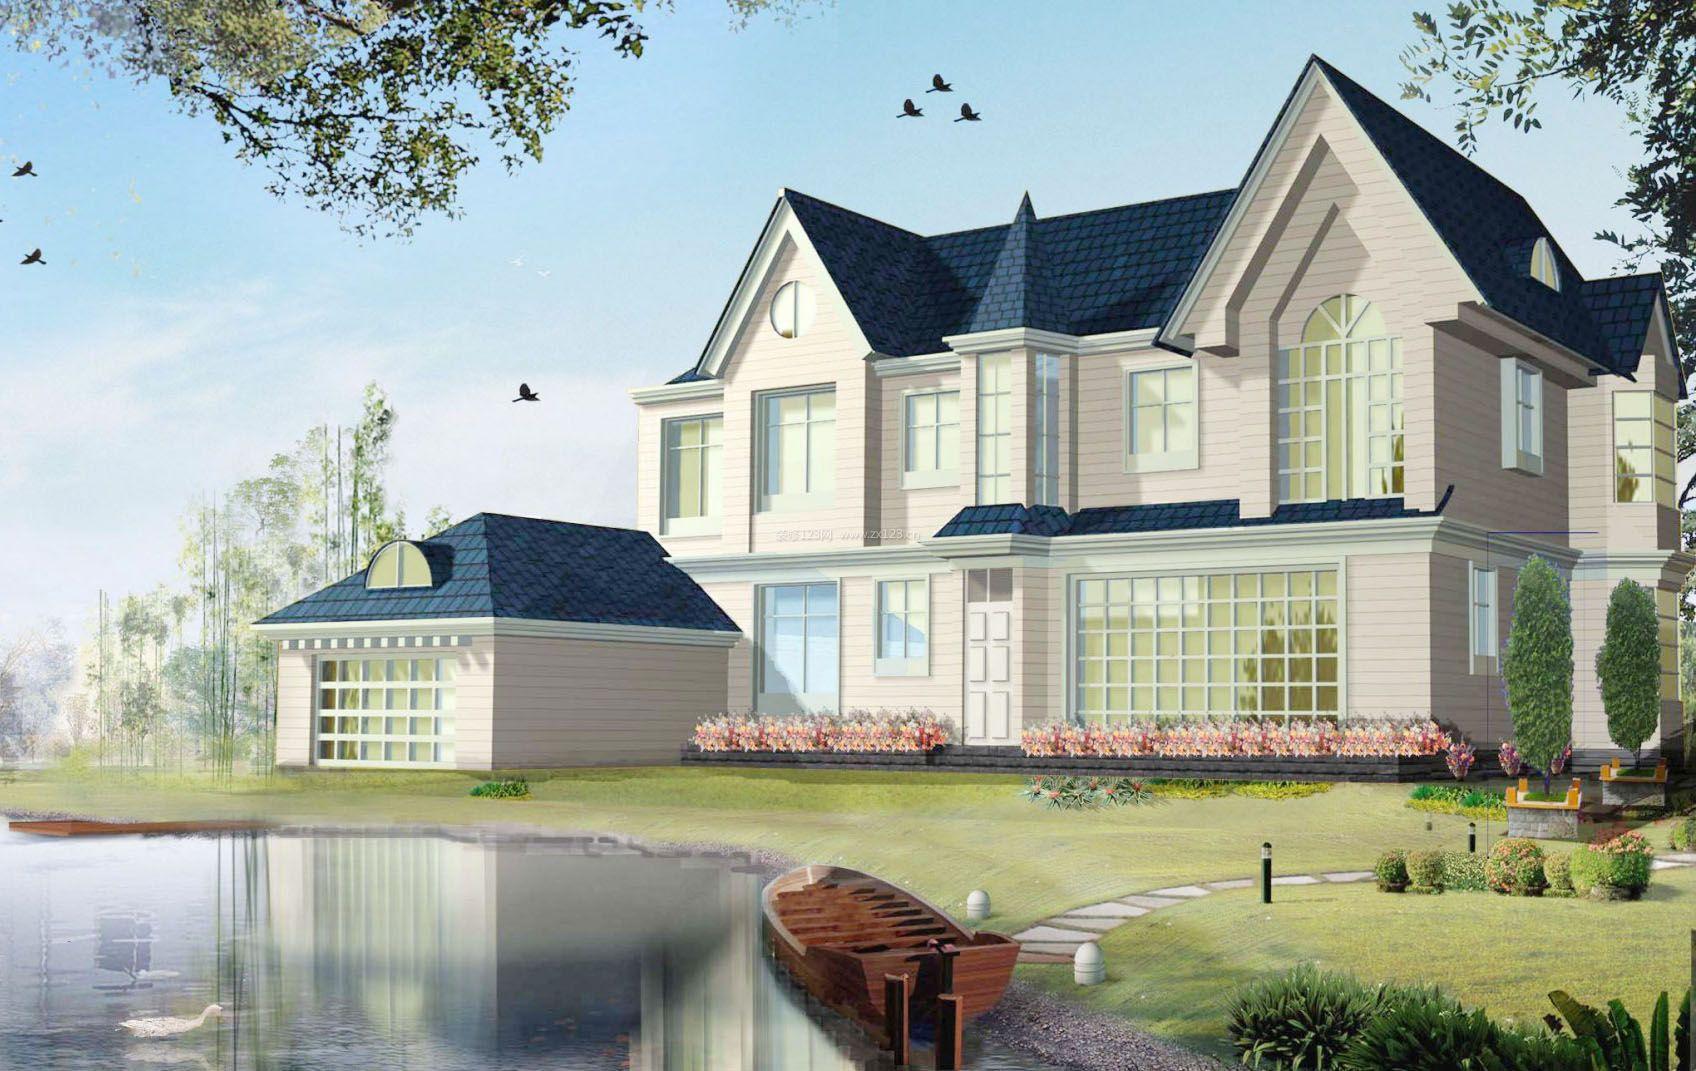 2017简约欧式别墅外观设计图